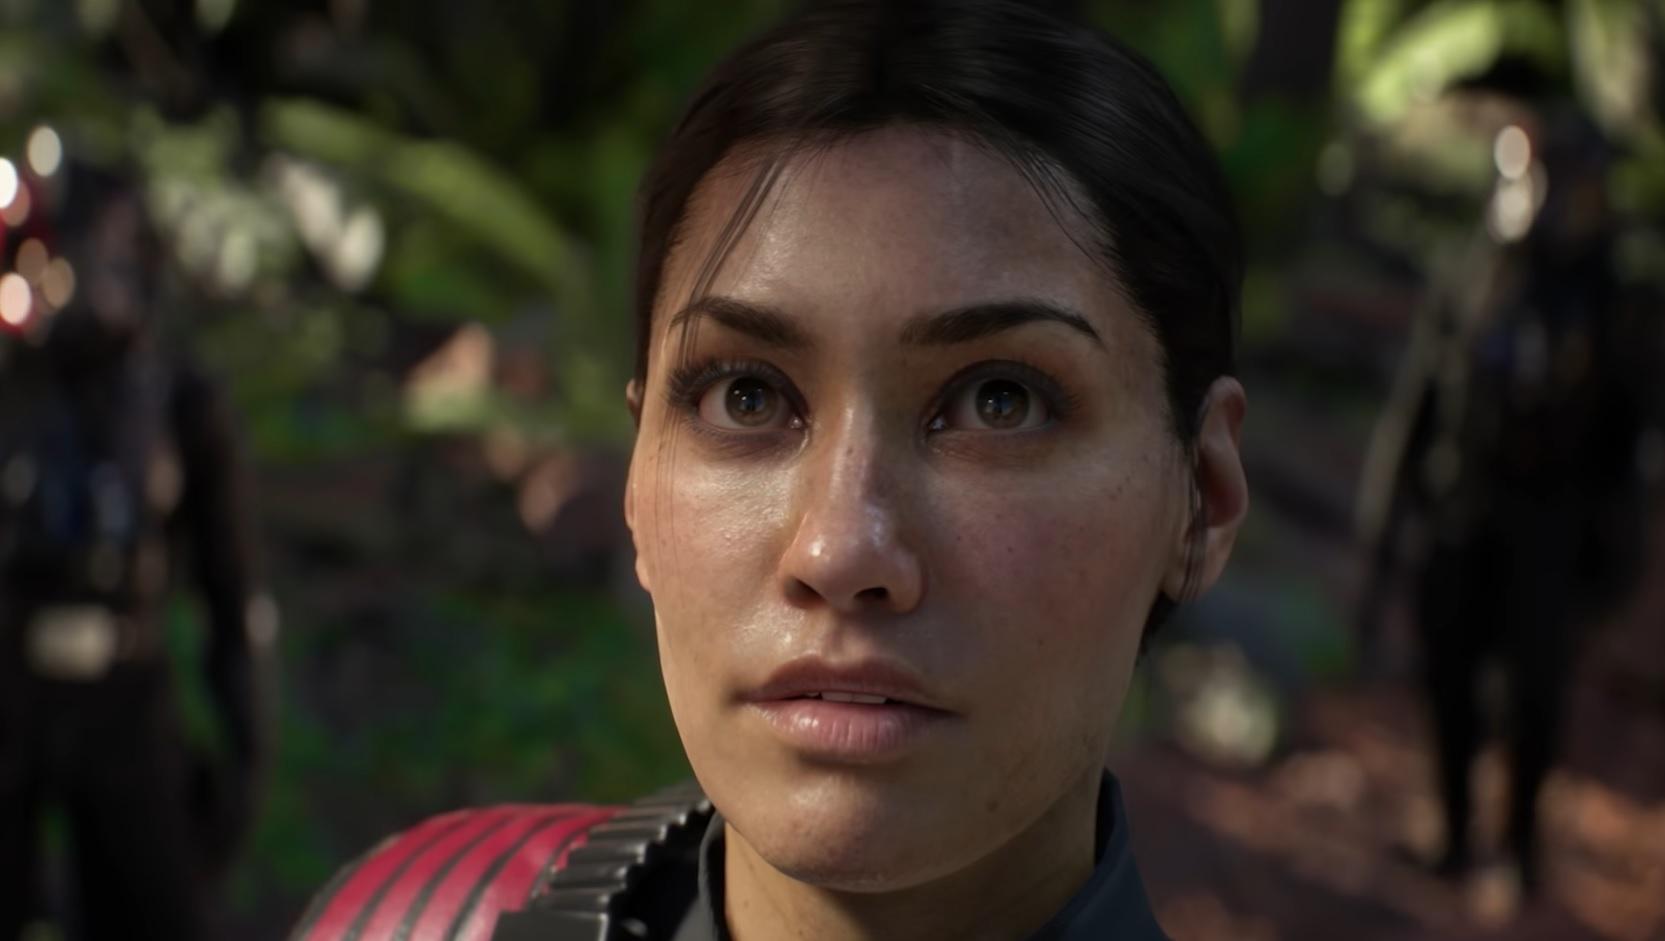 Star Wars Battlefront 2: Auf Xbox One & PC schon früher spielbar – PS4 außen vor